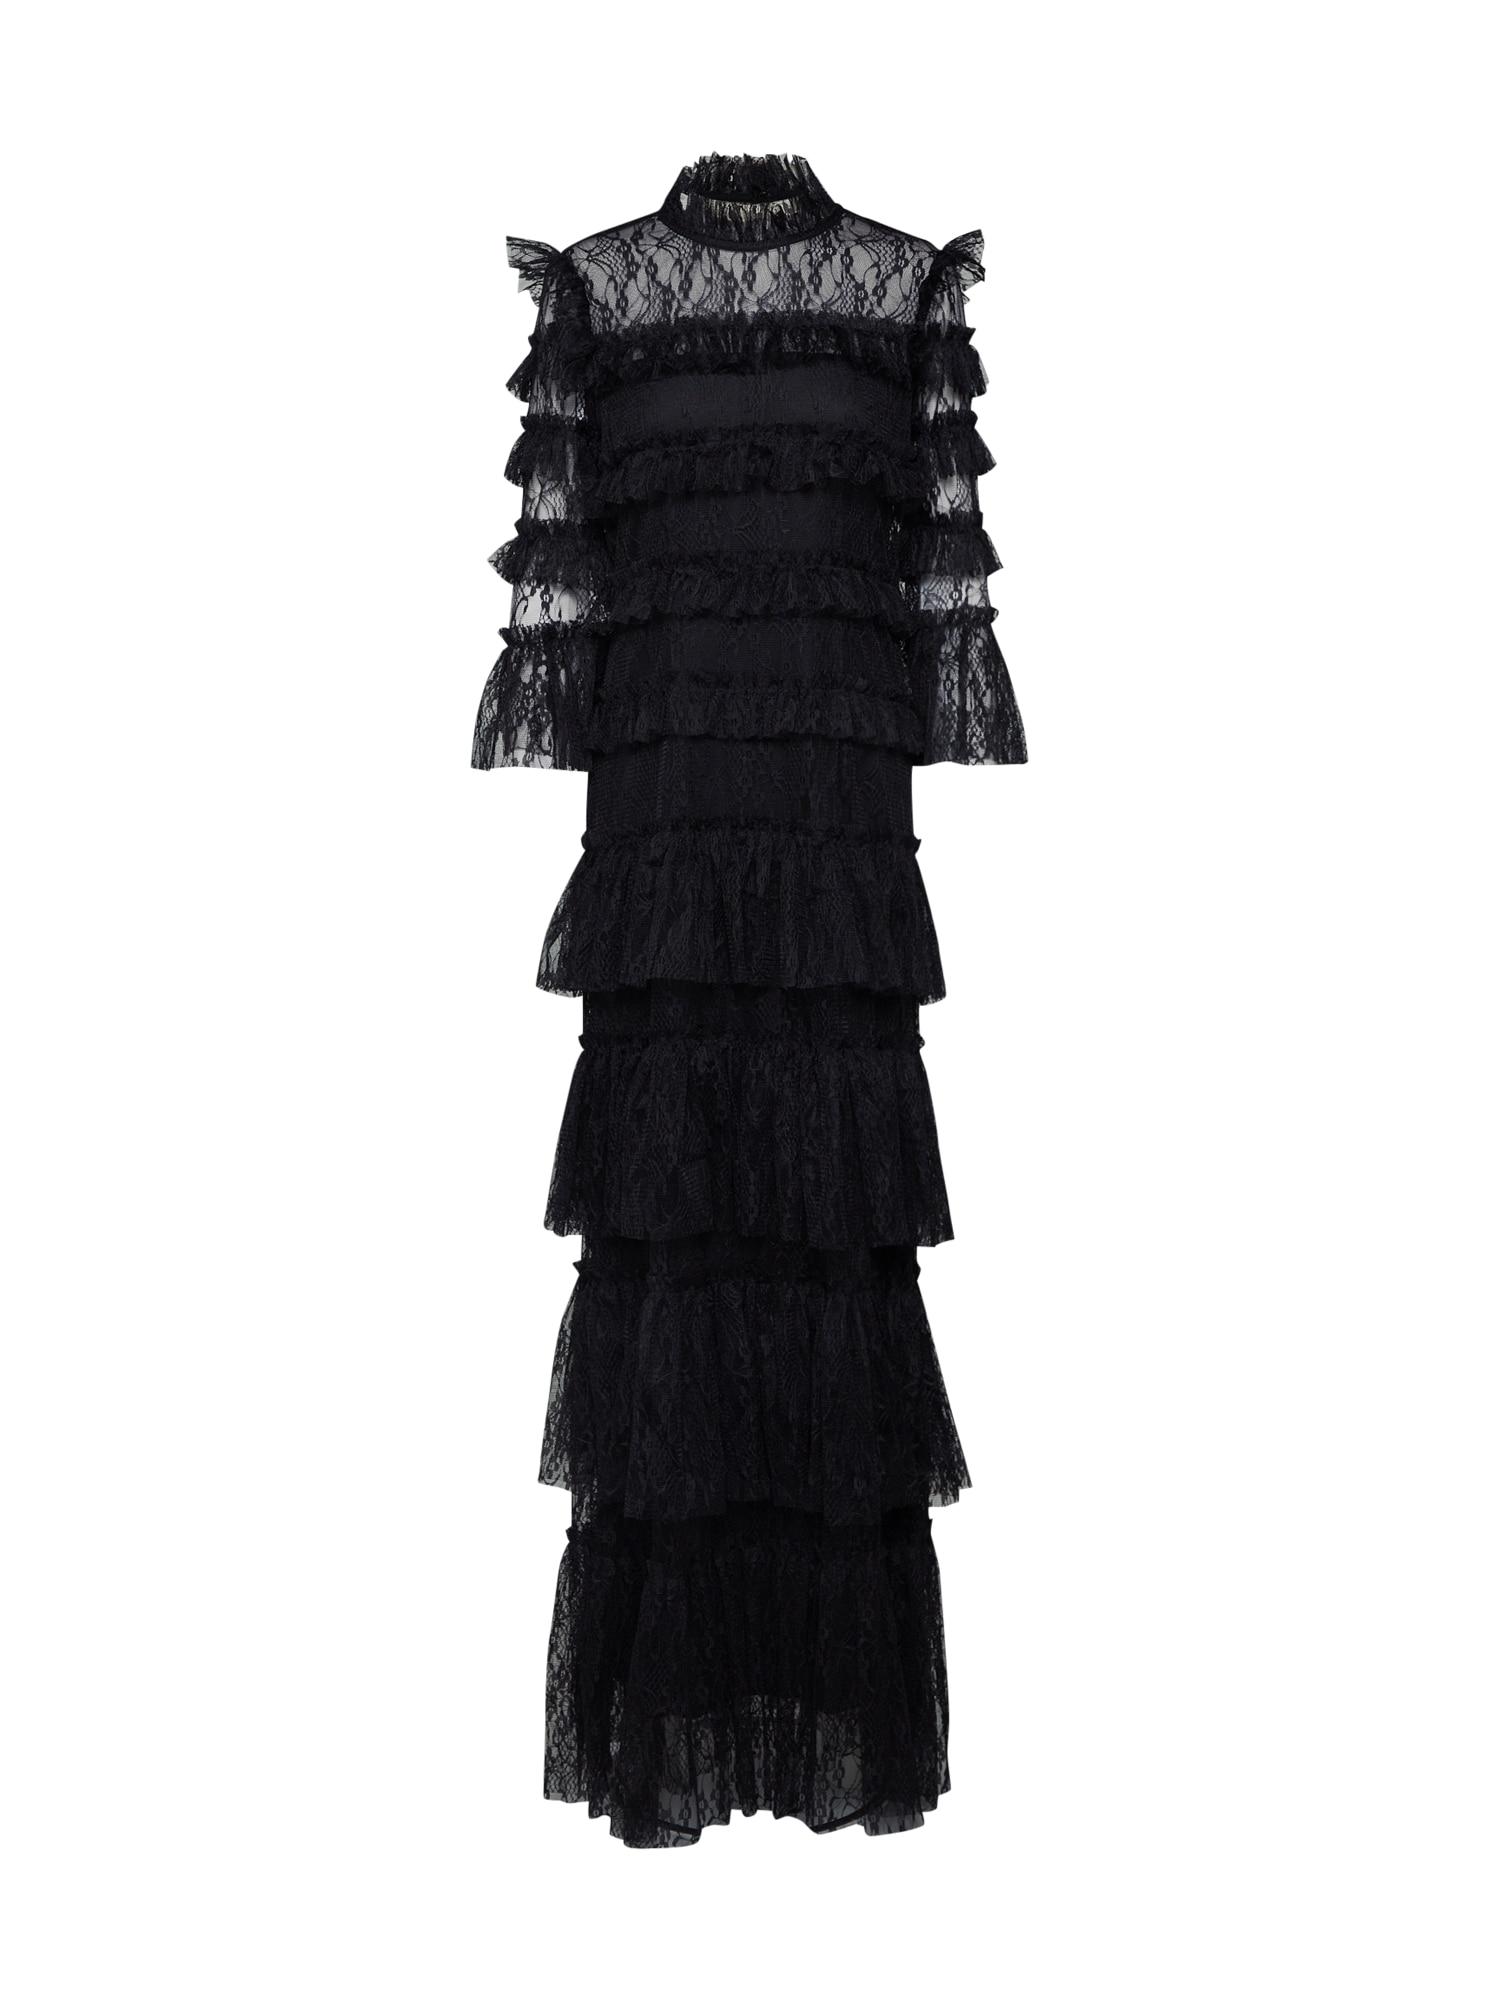 Společenské šaty Carmine černá By Malina